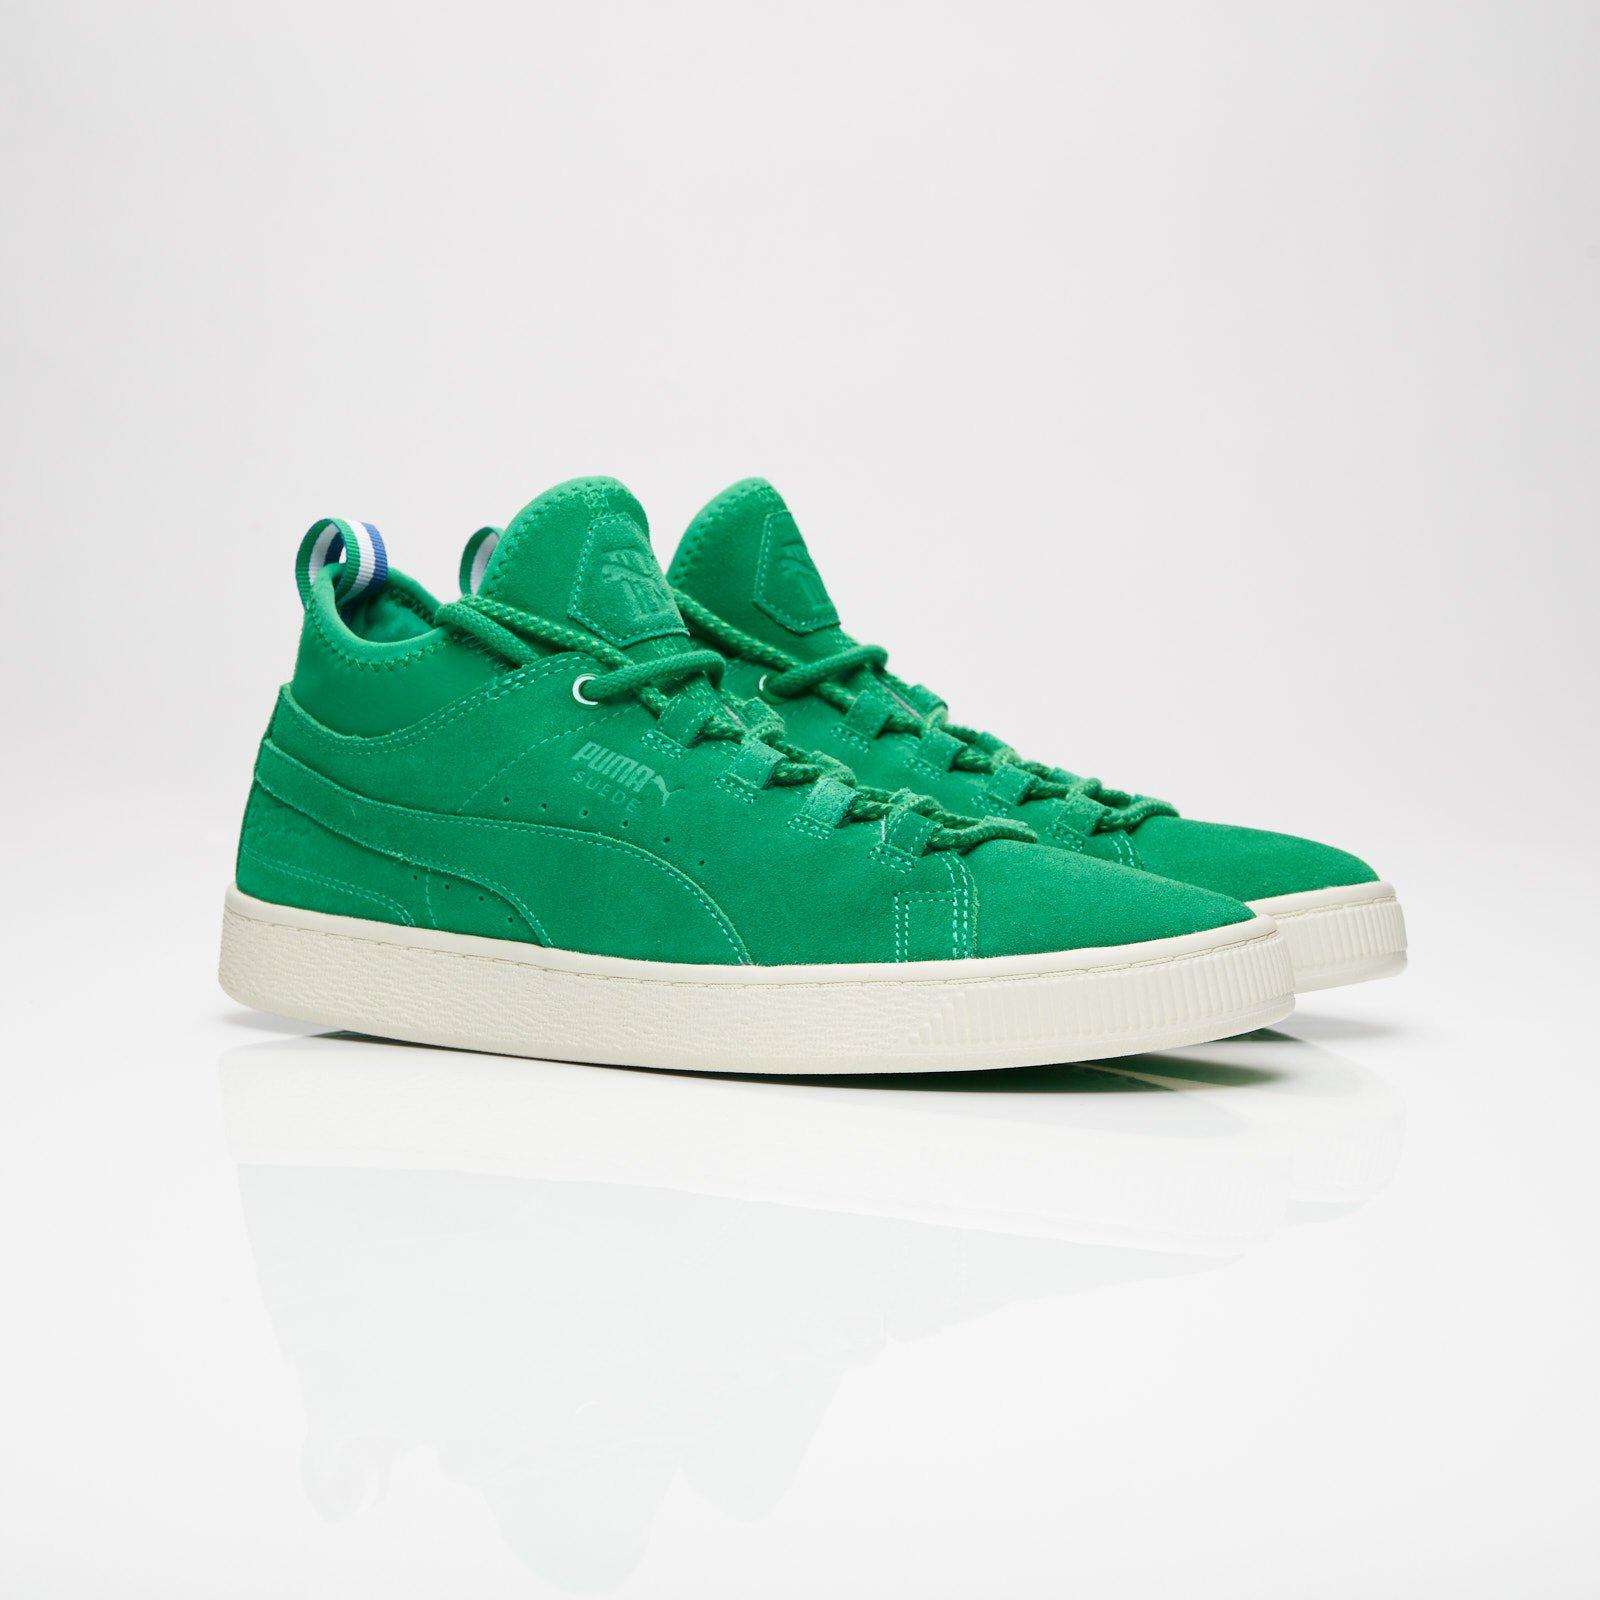 Puma Suede Mid x Big Sean 366252 02 Sneakersnstuff